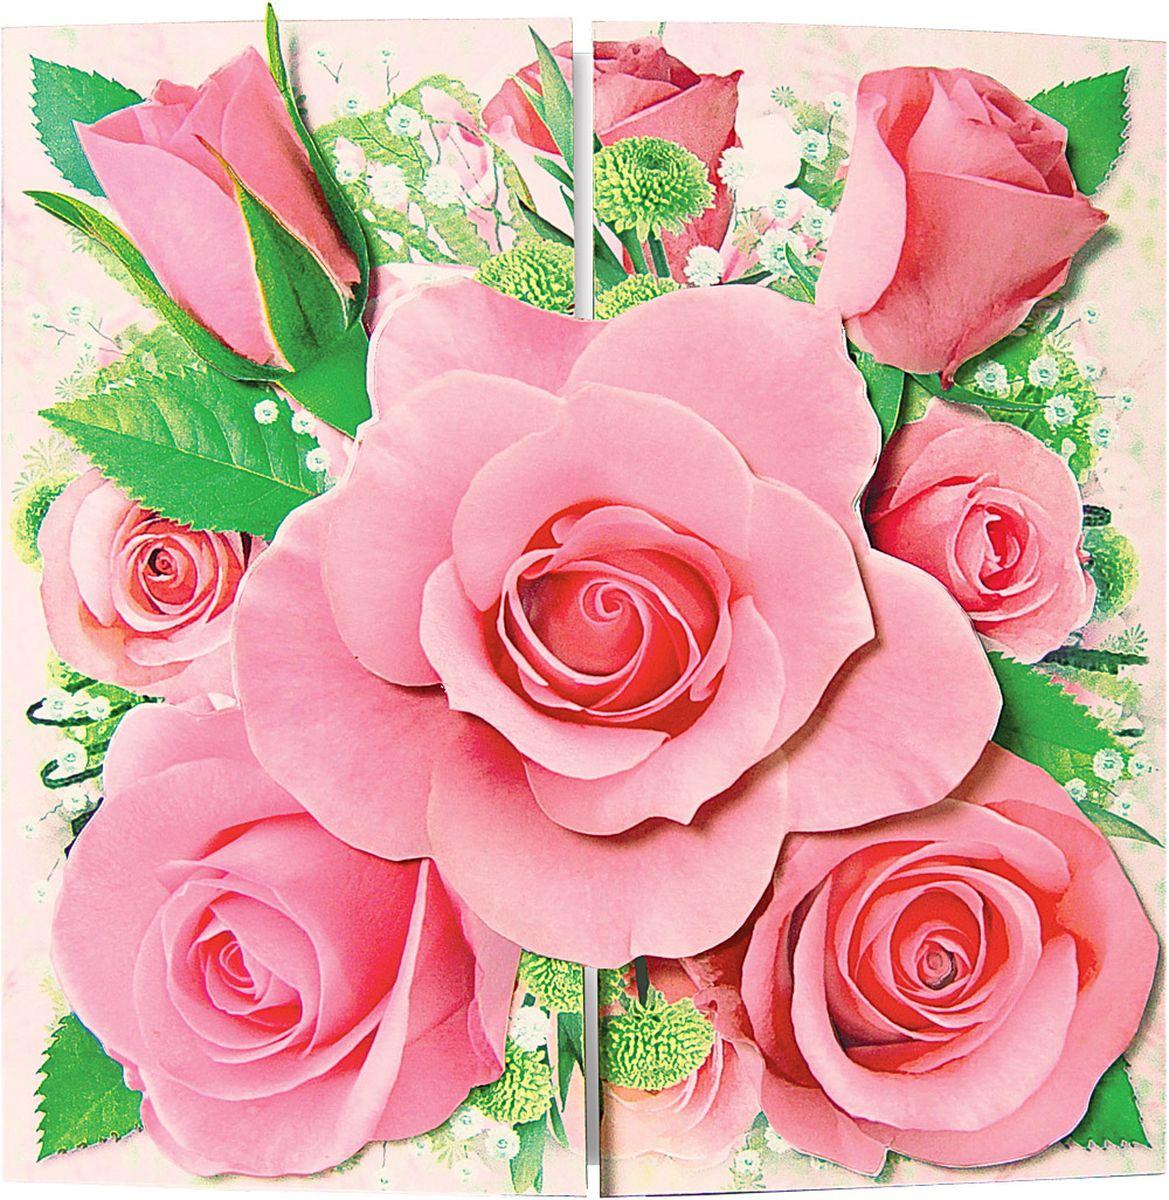 Объемные цветы для открыток и плакатов, мая детьми